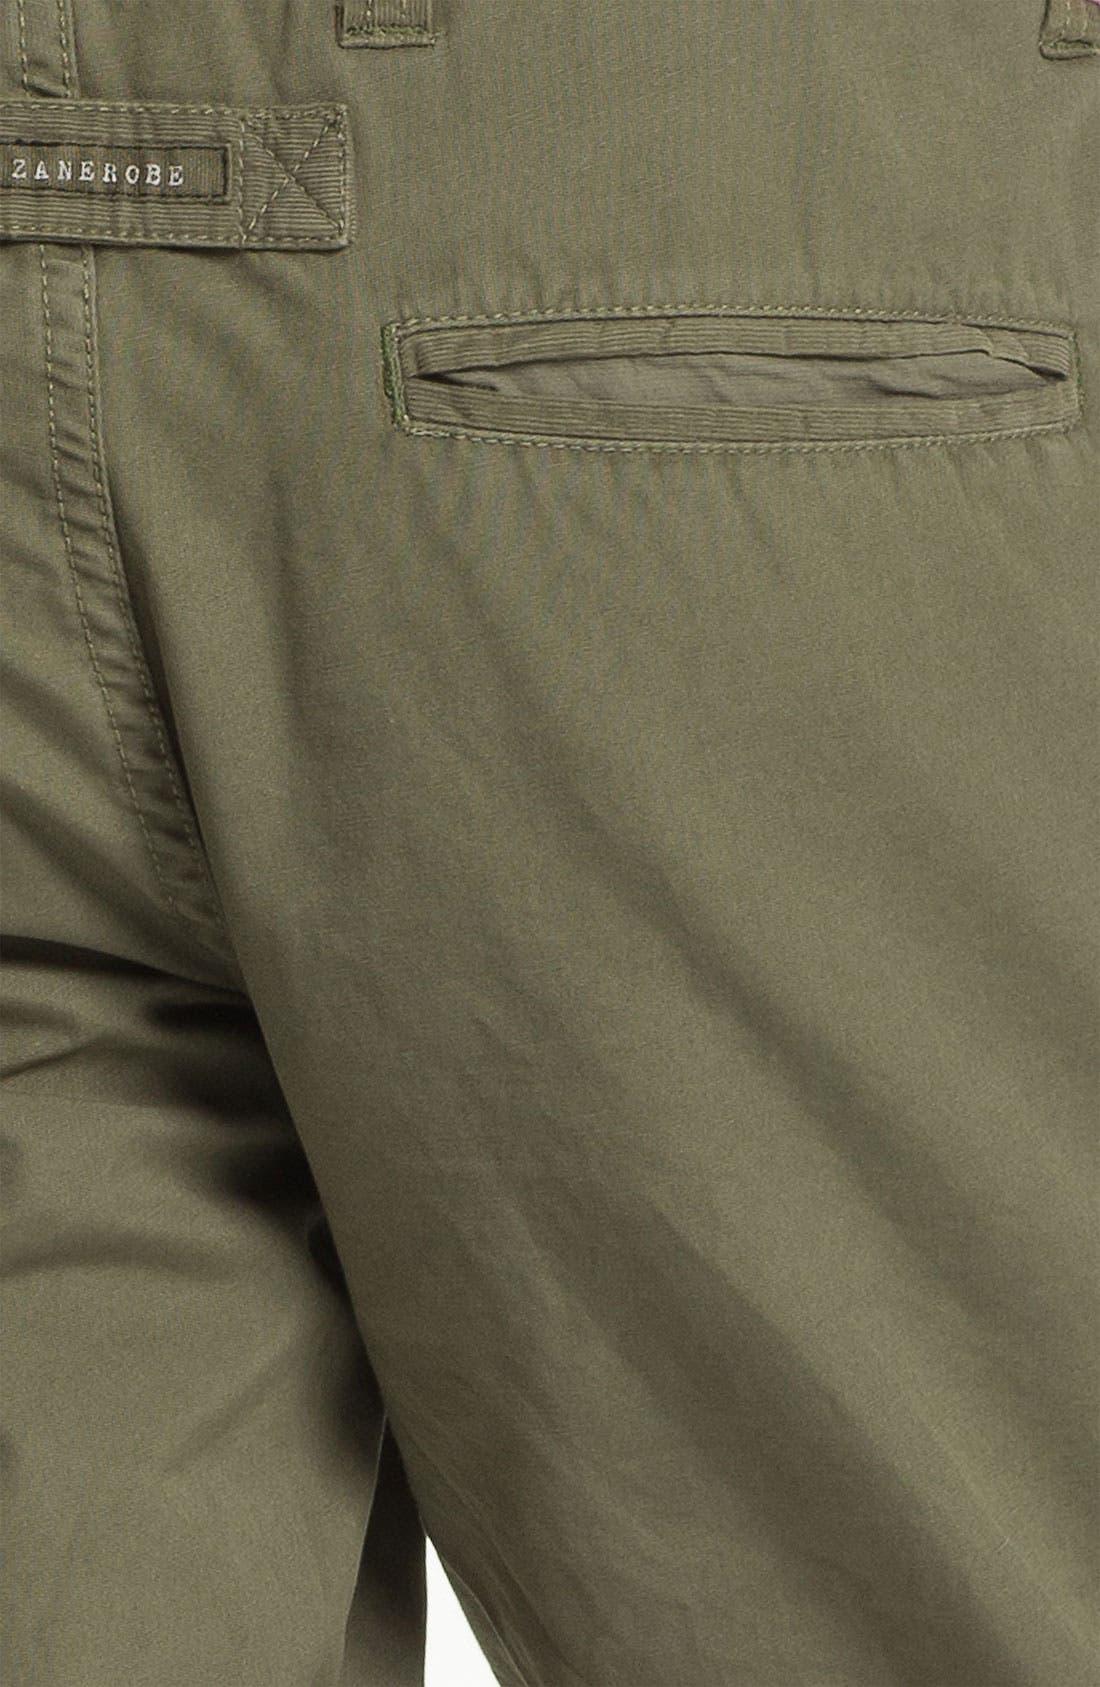 Alternate Image 3  - Zanerobe 'Crocody' Shorts